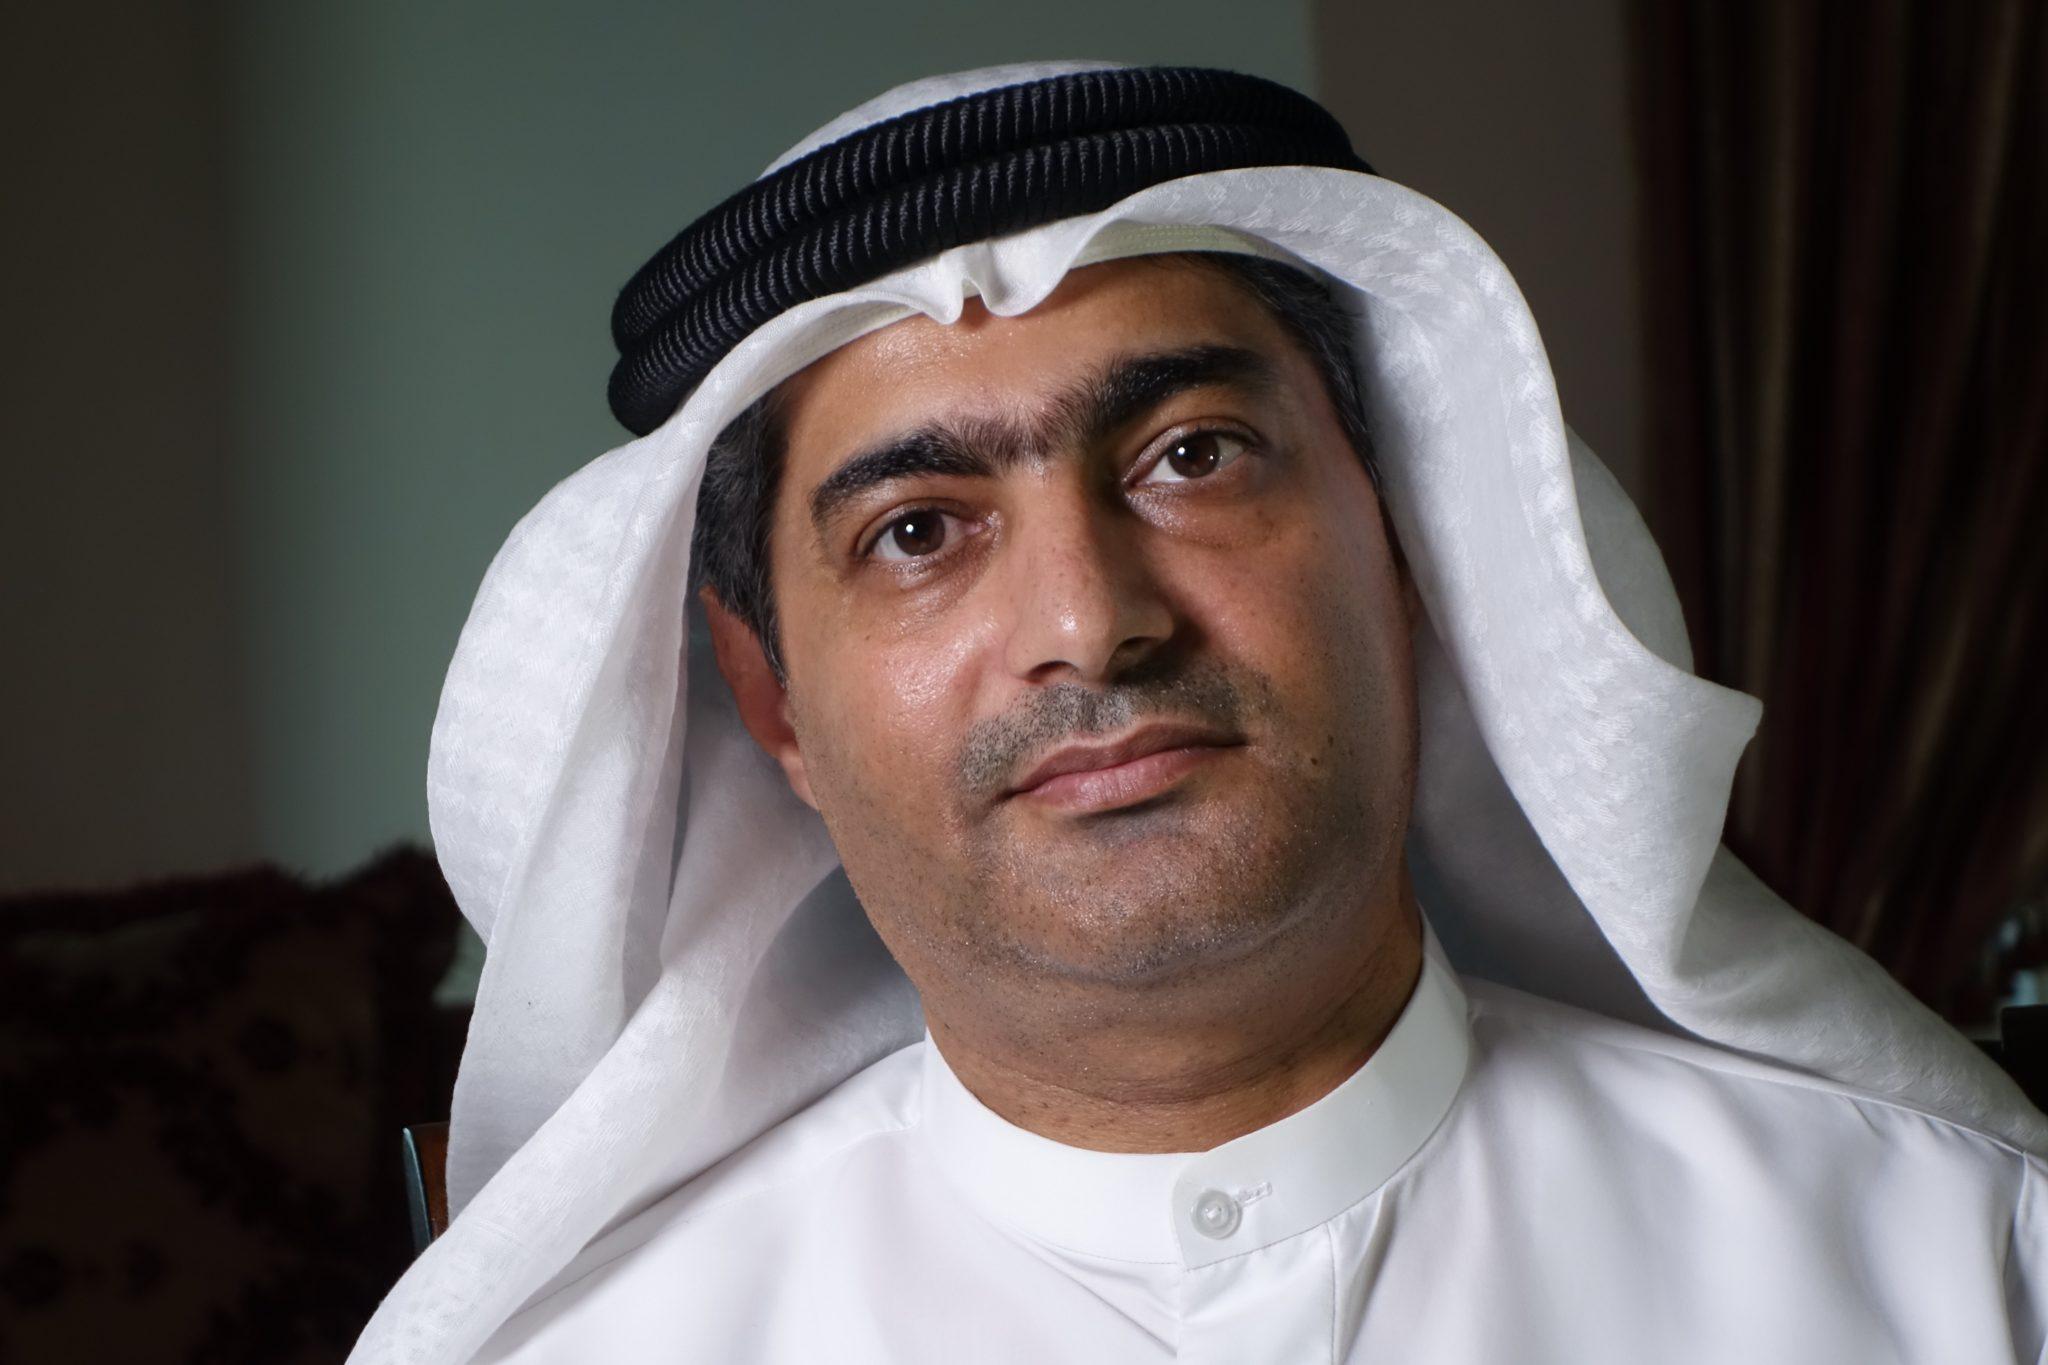 UAE: Free Ahmed Mansoor